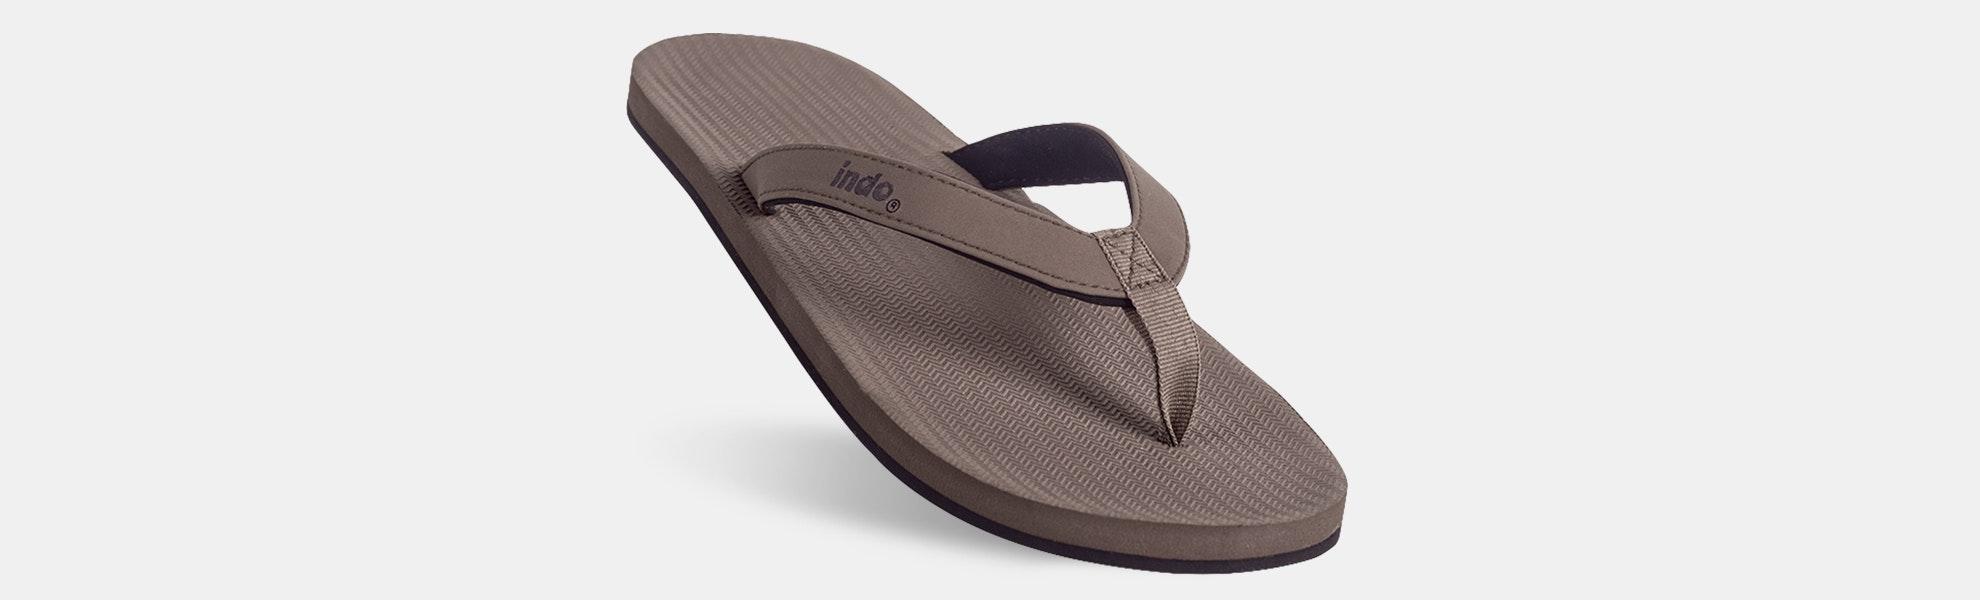 Indosole ESSNTLS Flip-Flops